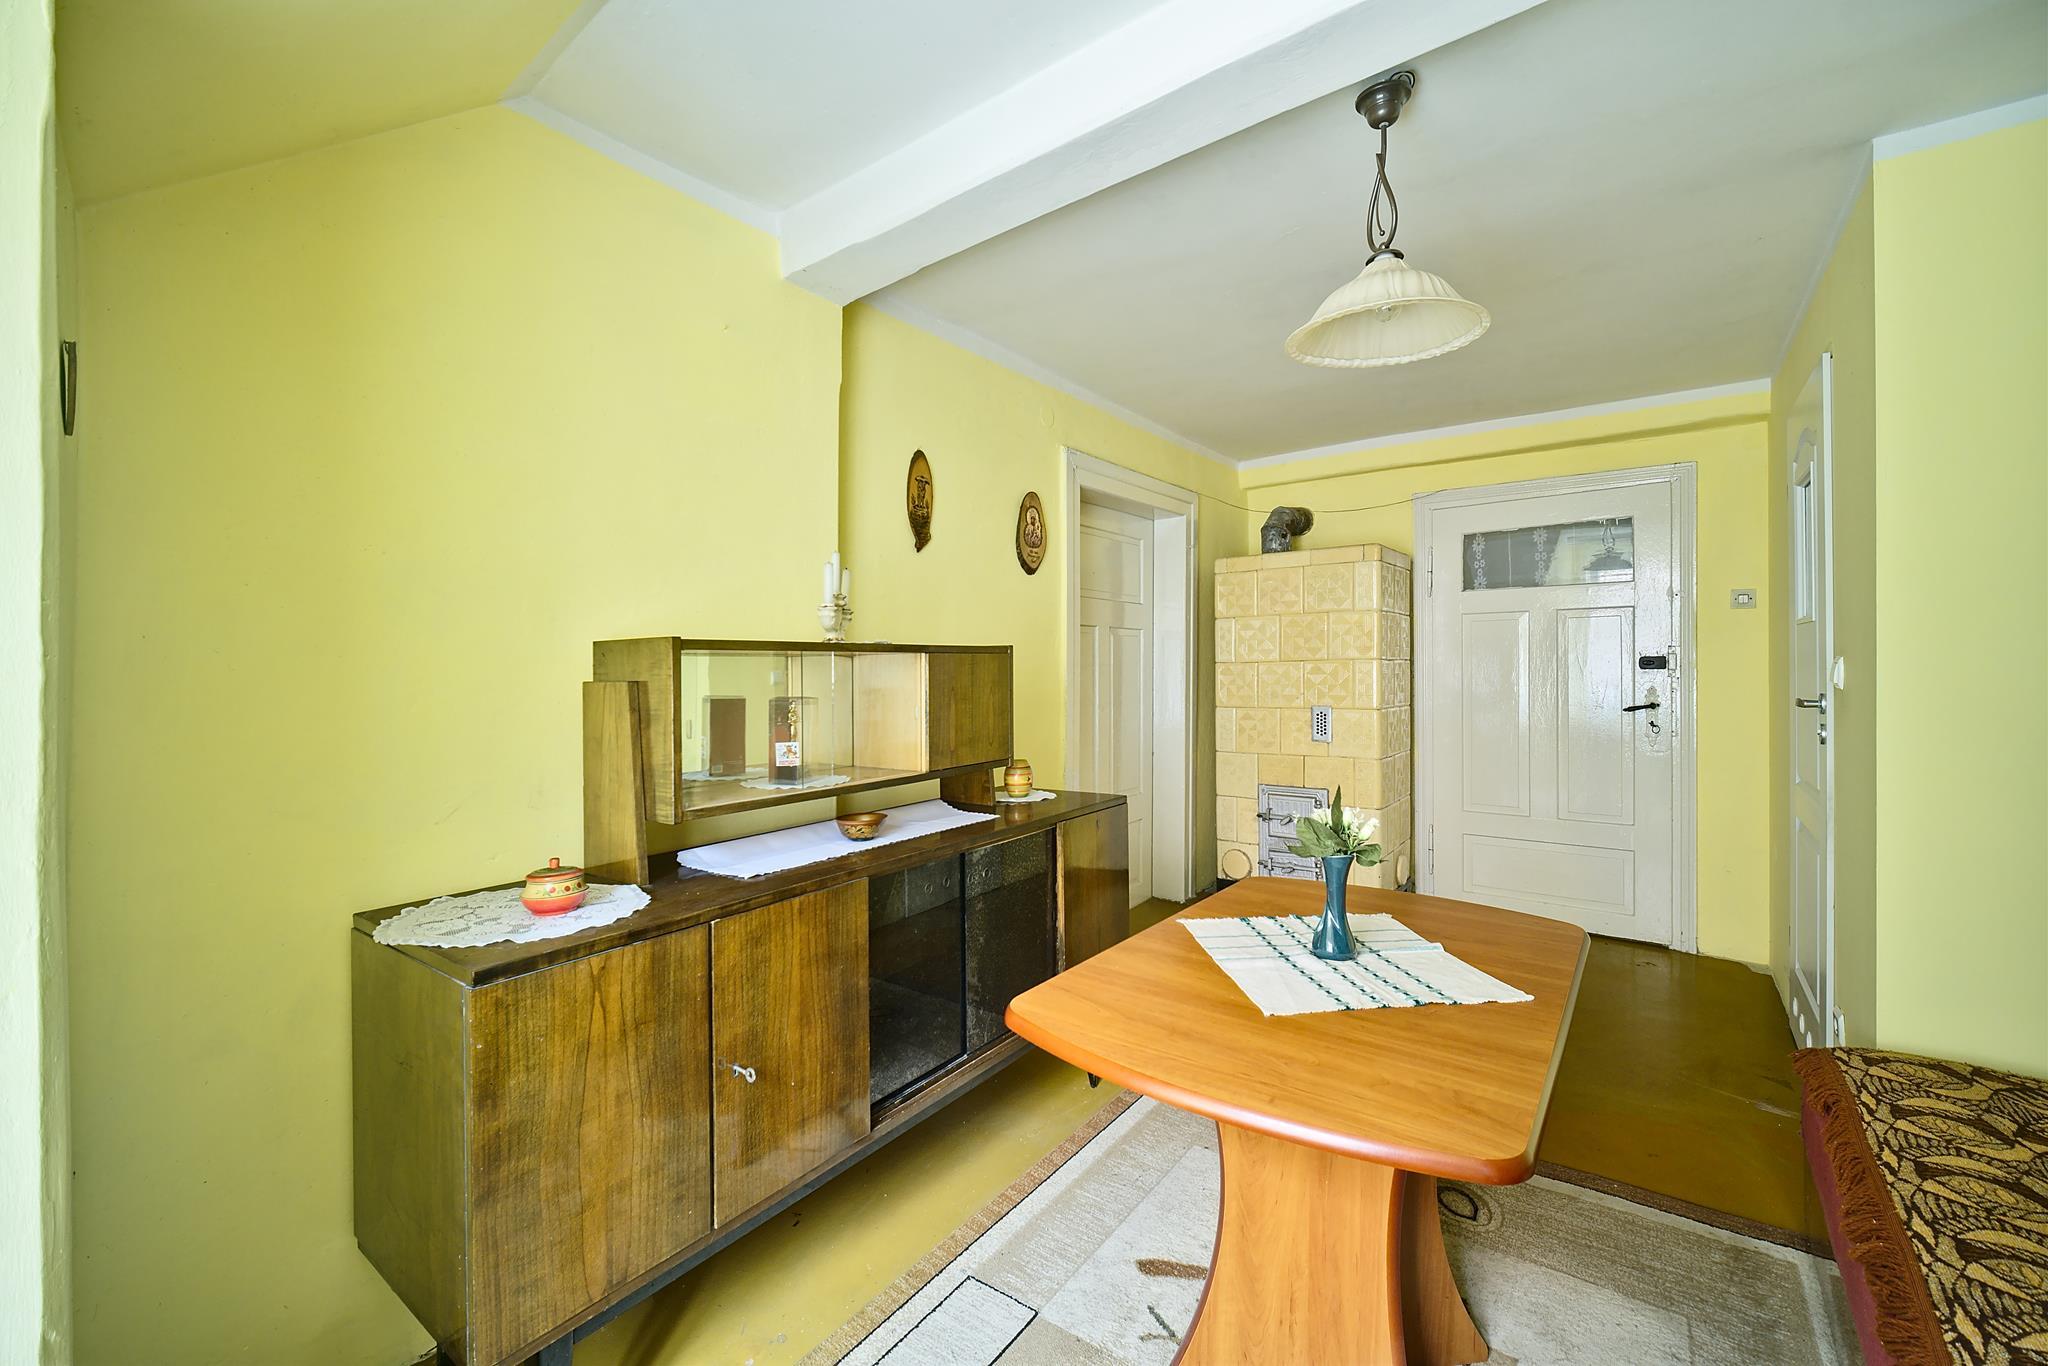 Oferuję na sprzedaż 40m2 mieszkanie położone w samy centrum Złotoryjskiego rynku.